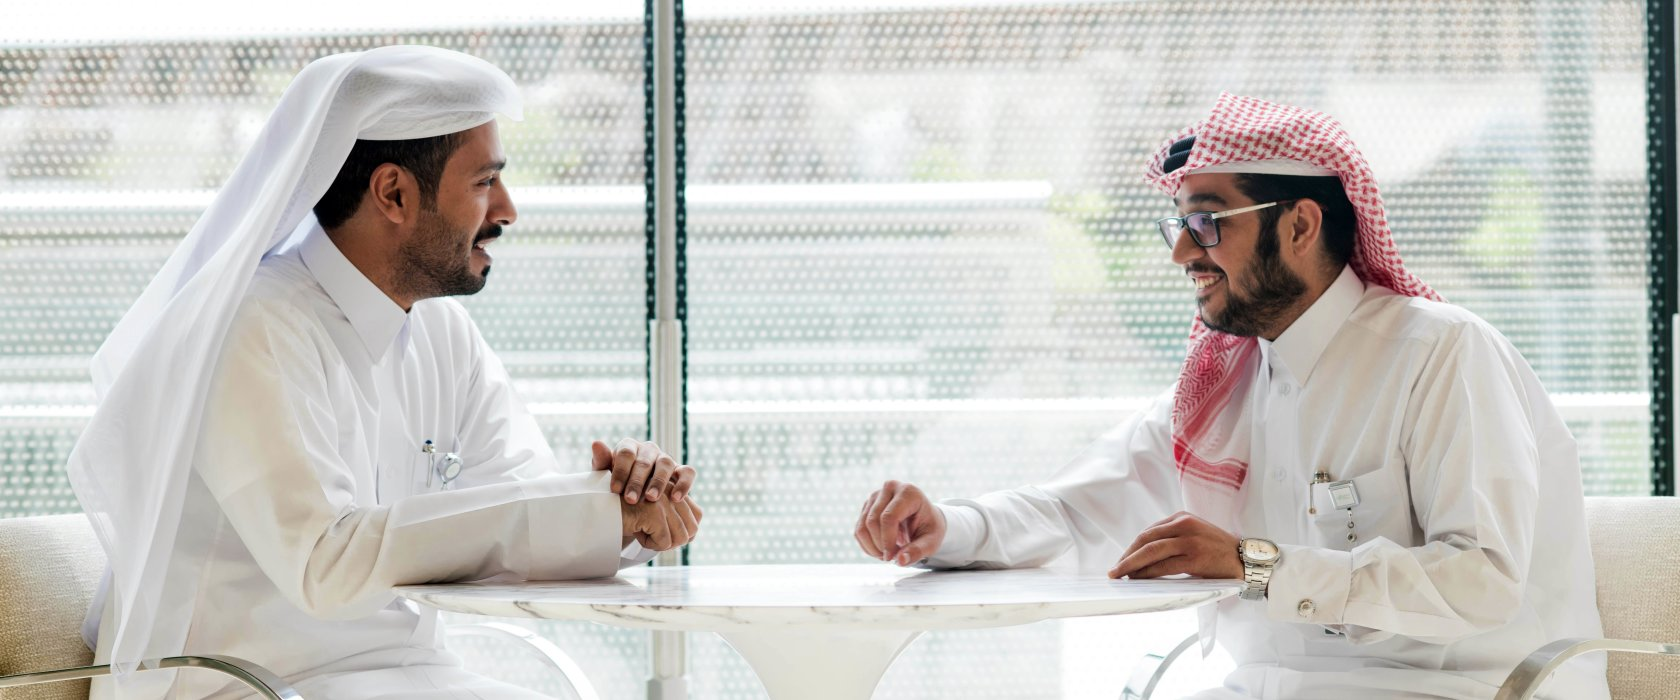 خطوات الاستعلام عن نقل كفالة في قطر